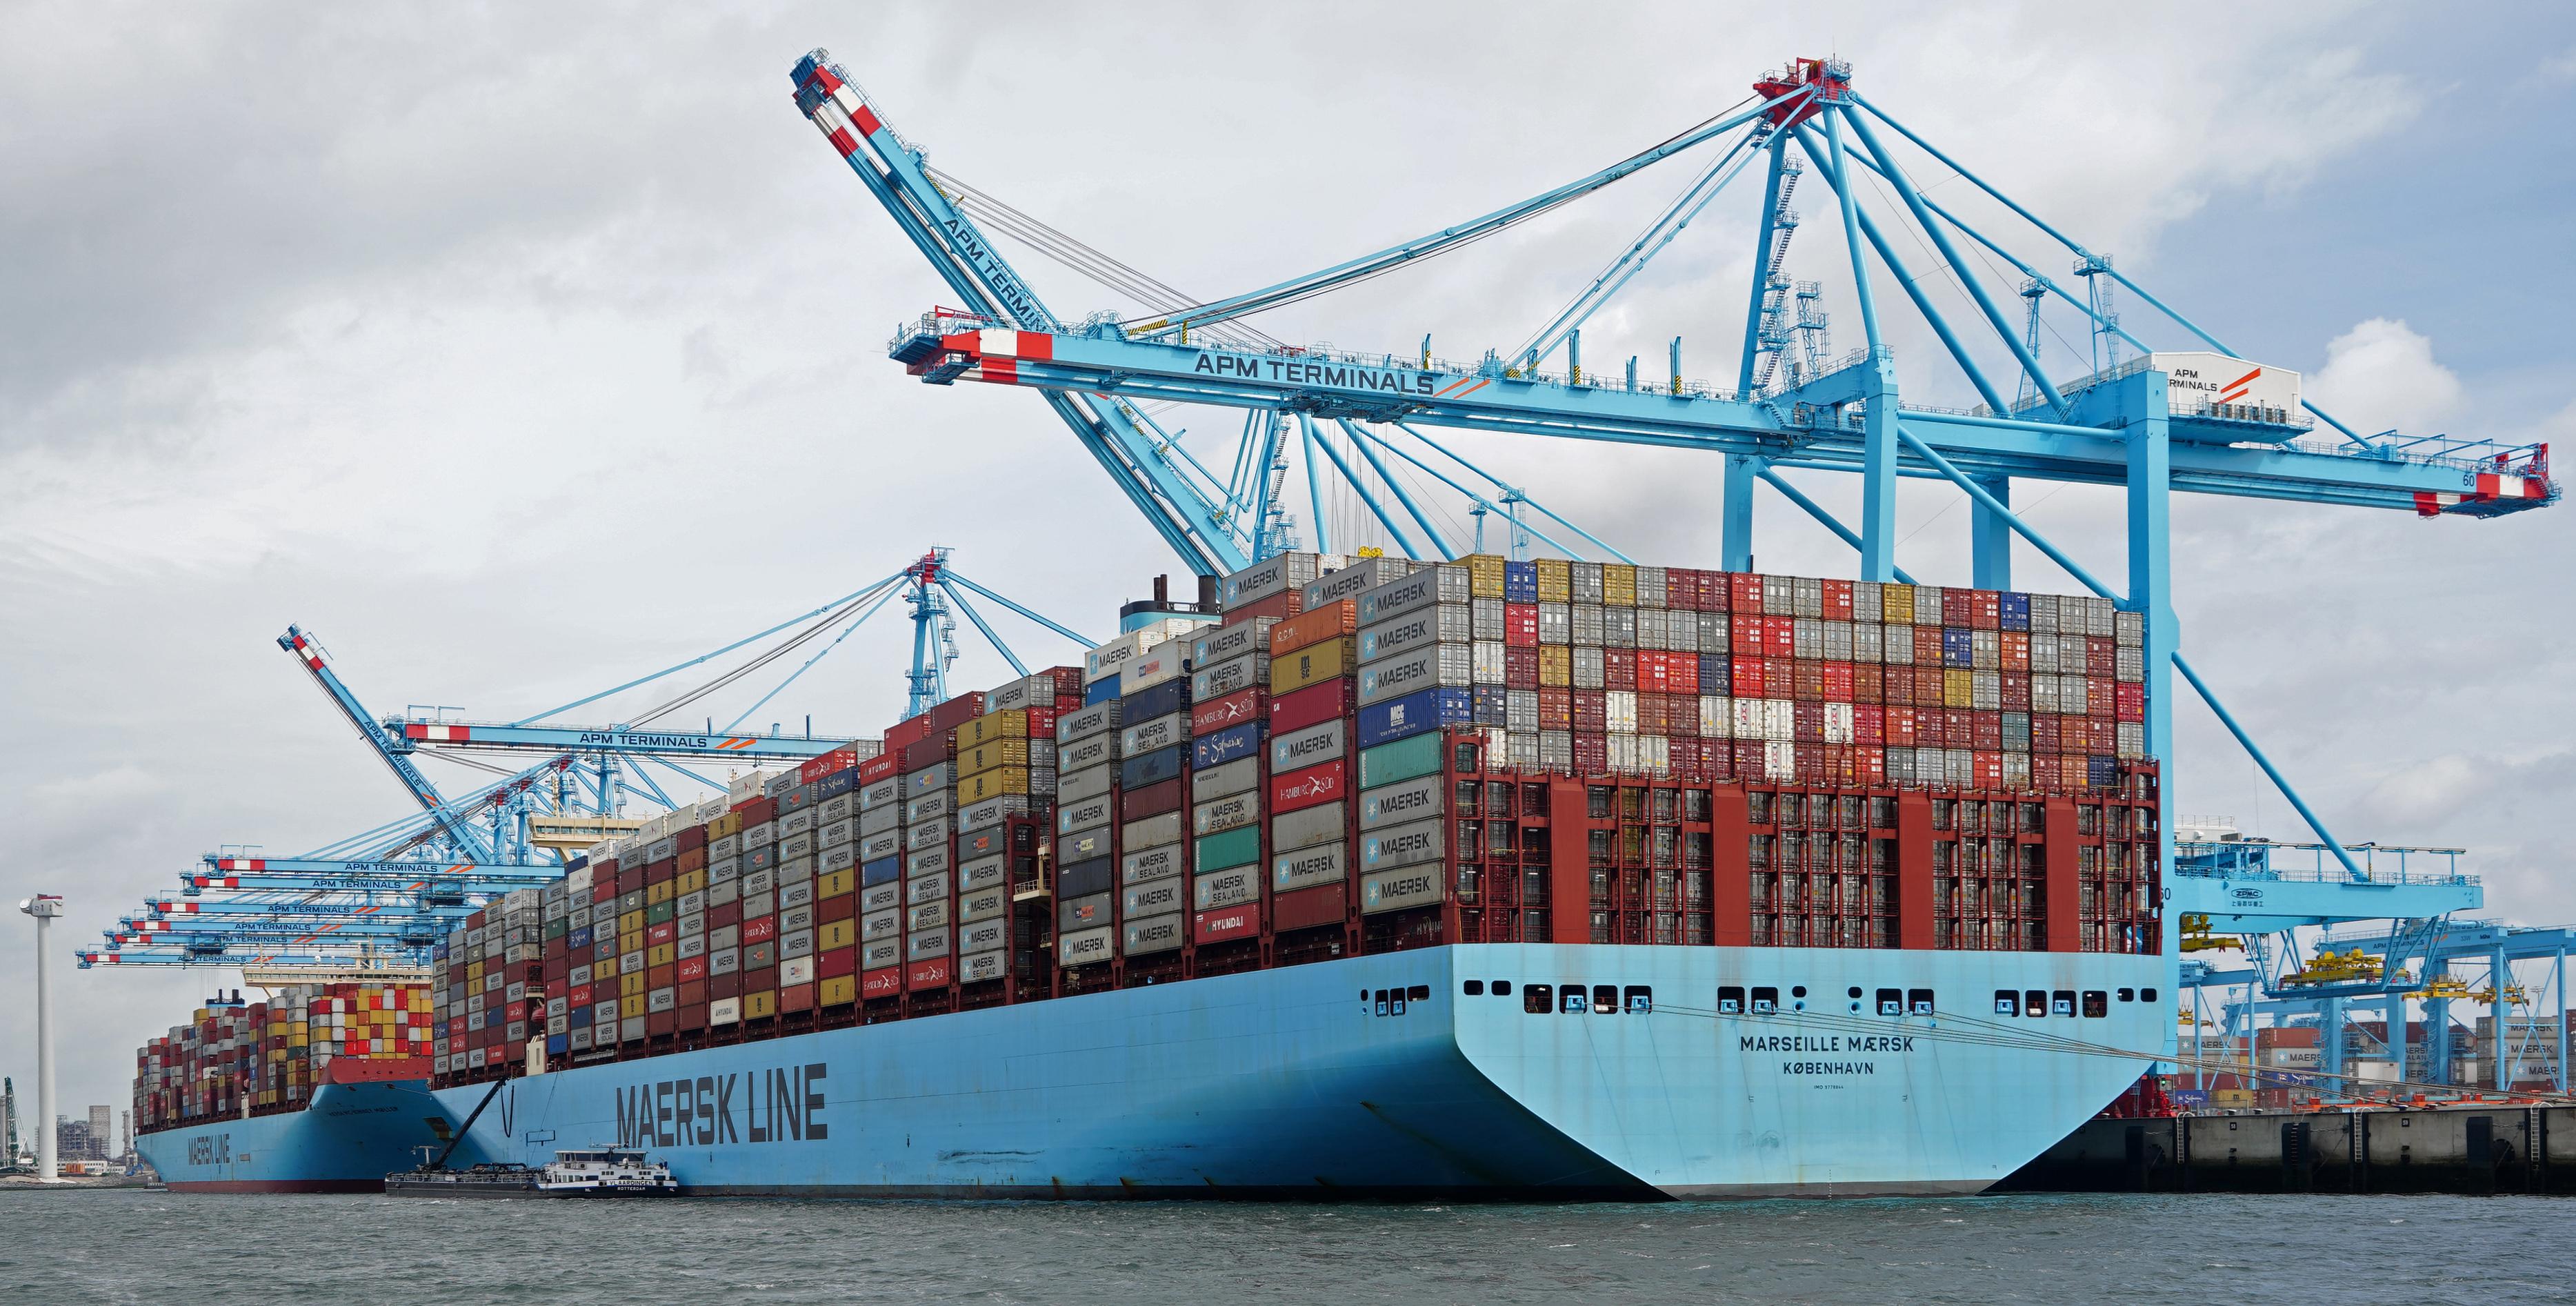 اقتصادية قناة السويس تعلن تداول 22 سفينة حاويات وبضائع وتفريغ 3409 أطنان رخام بموانئ بورسعيد